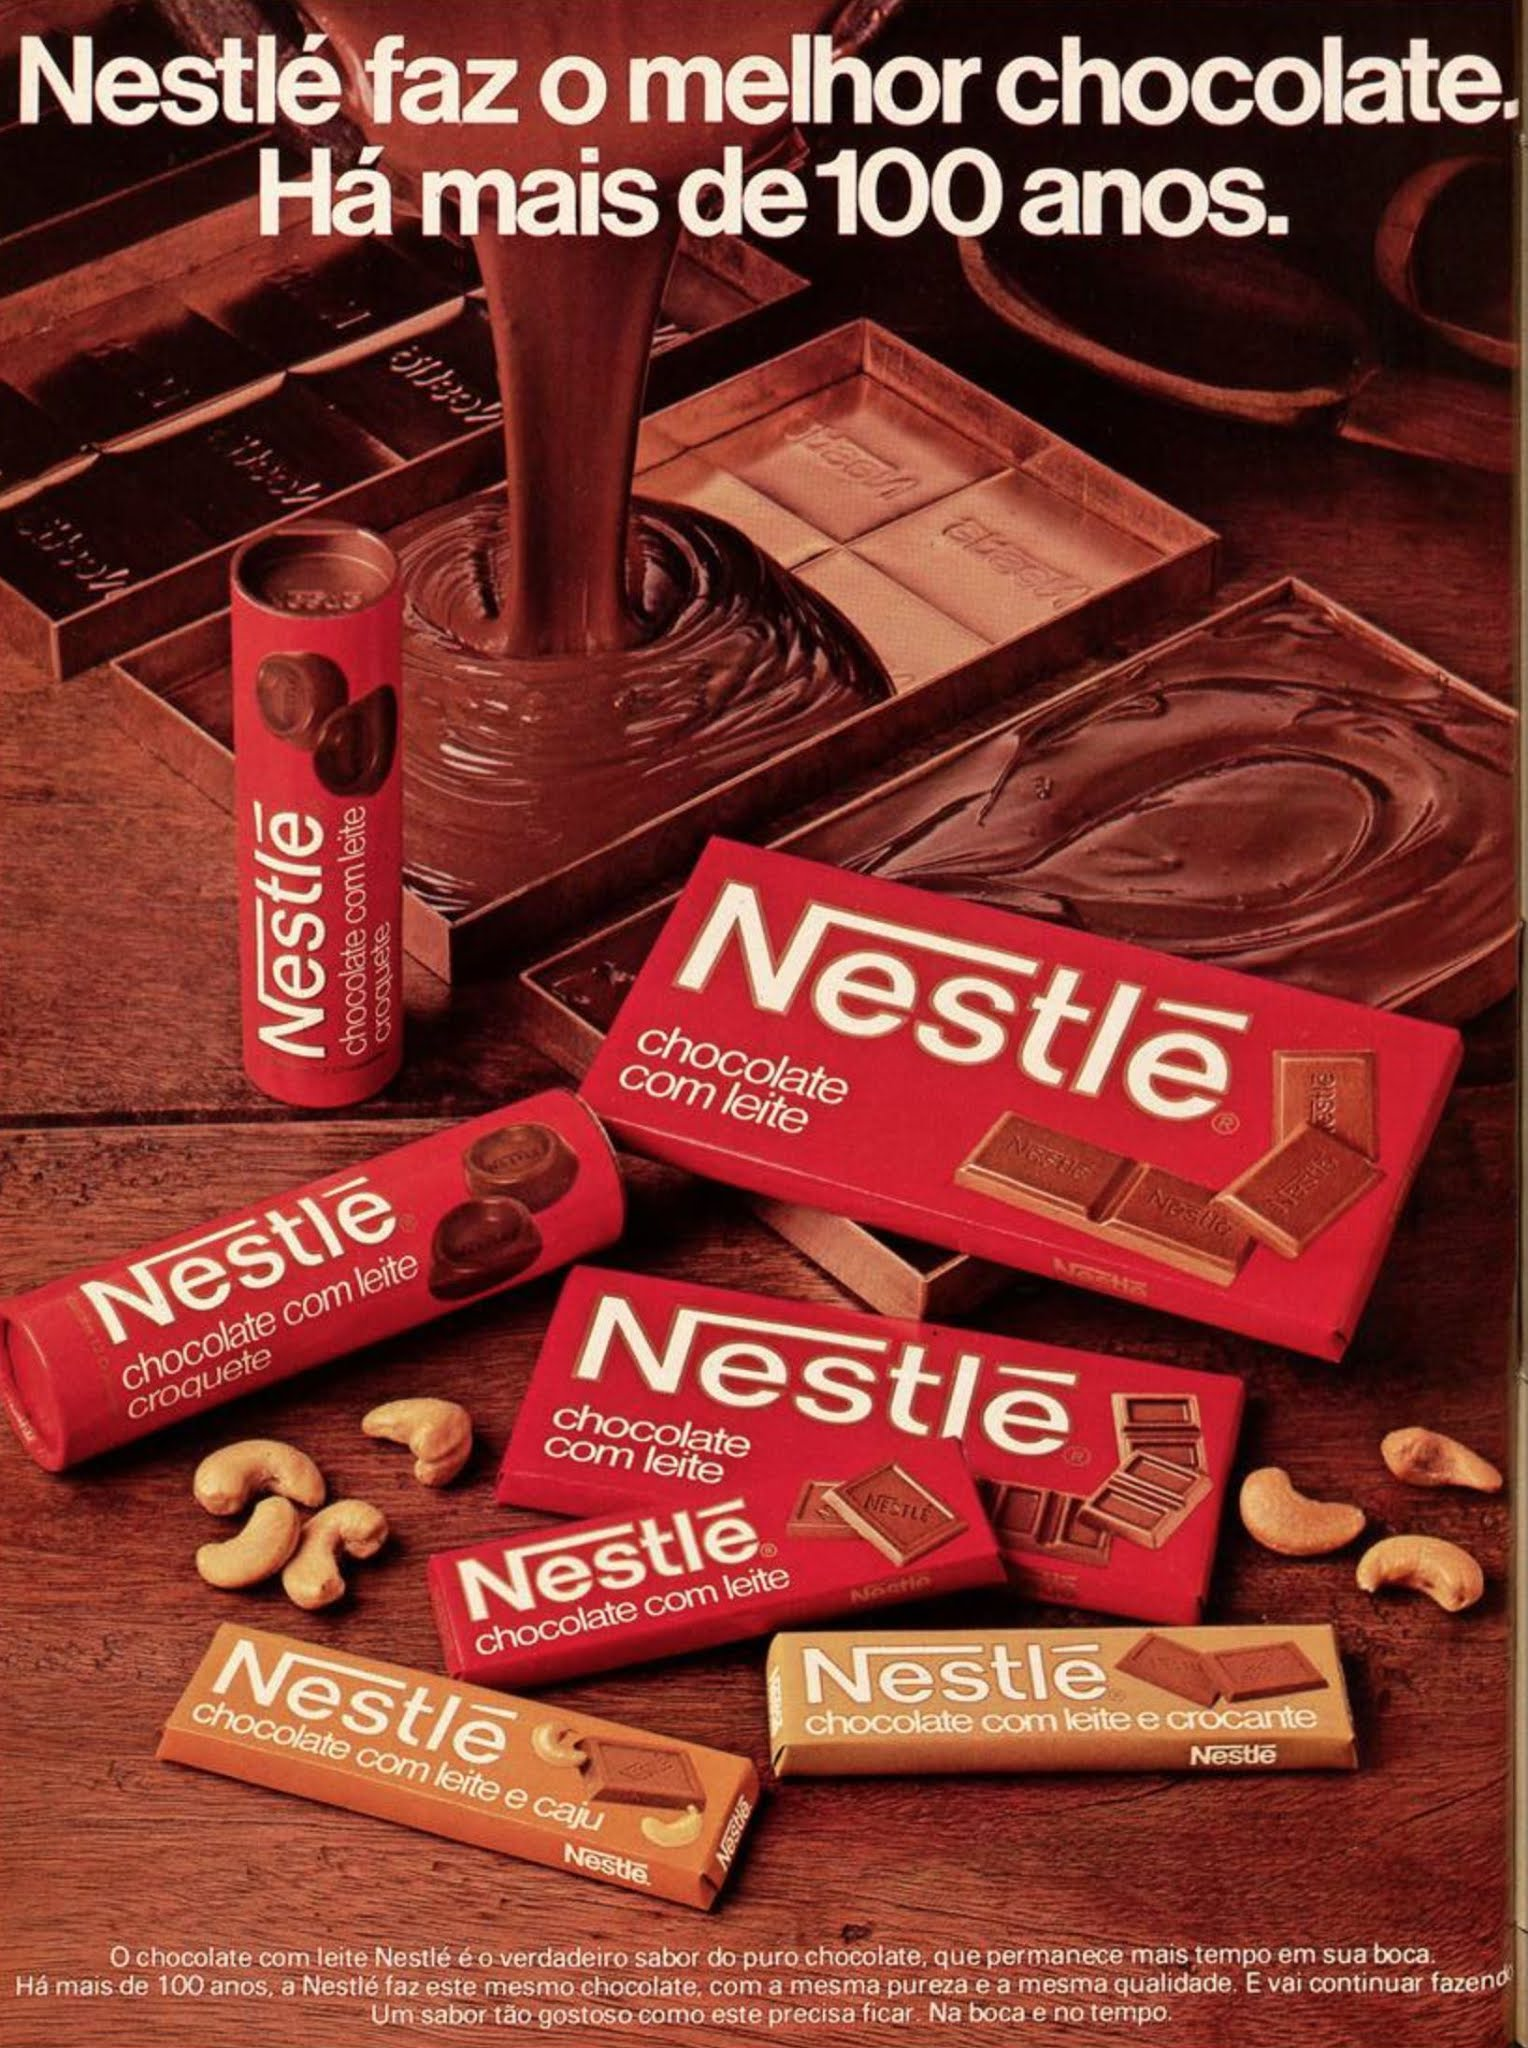 Anúncio veiculado em 1984 promovia a linha de chocolates Nestlé